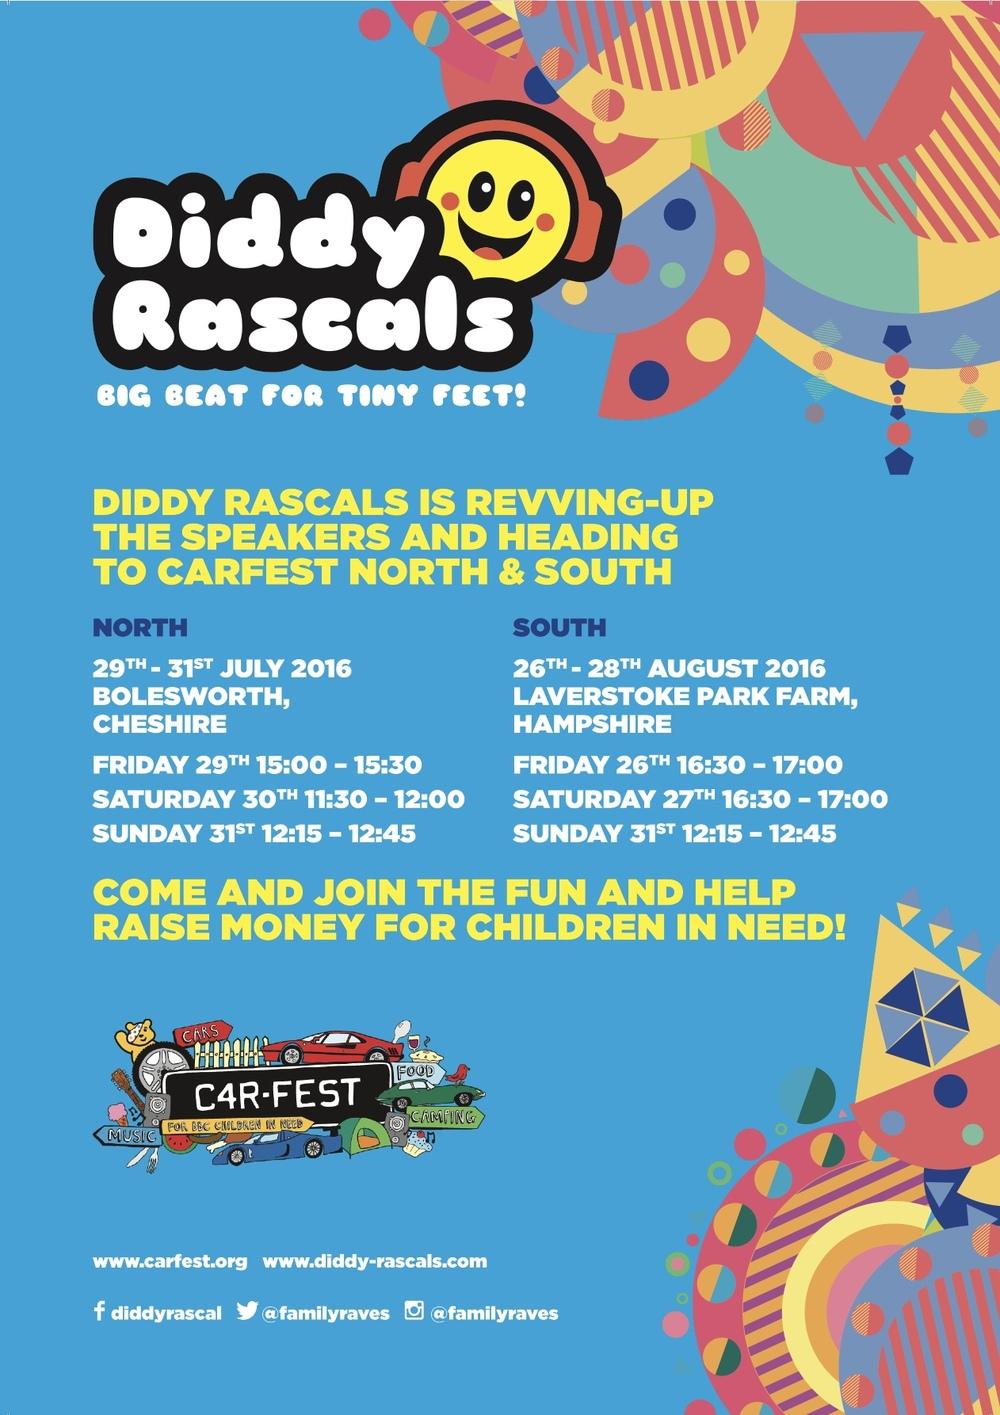 TCA_Diddy Rascals_Car-Fest Poster (A4).jpg